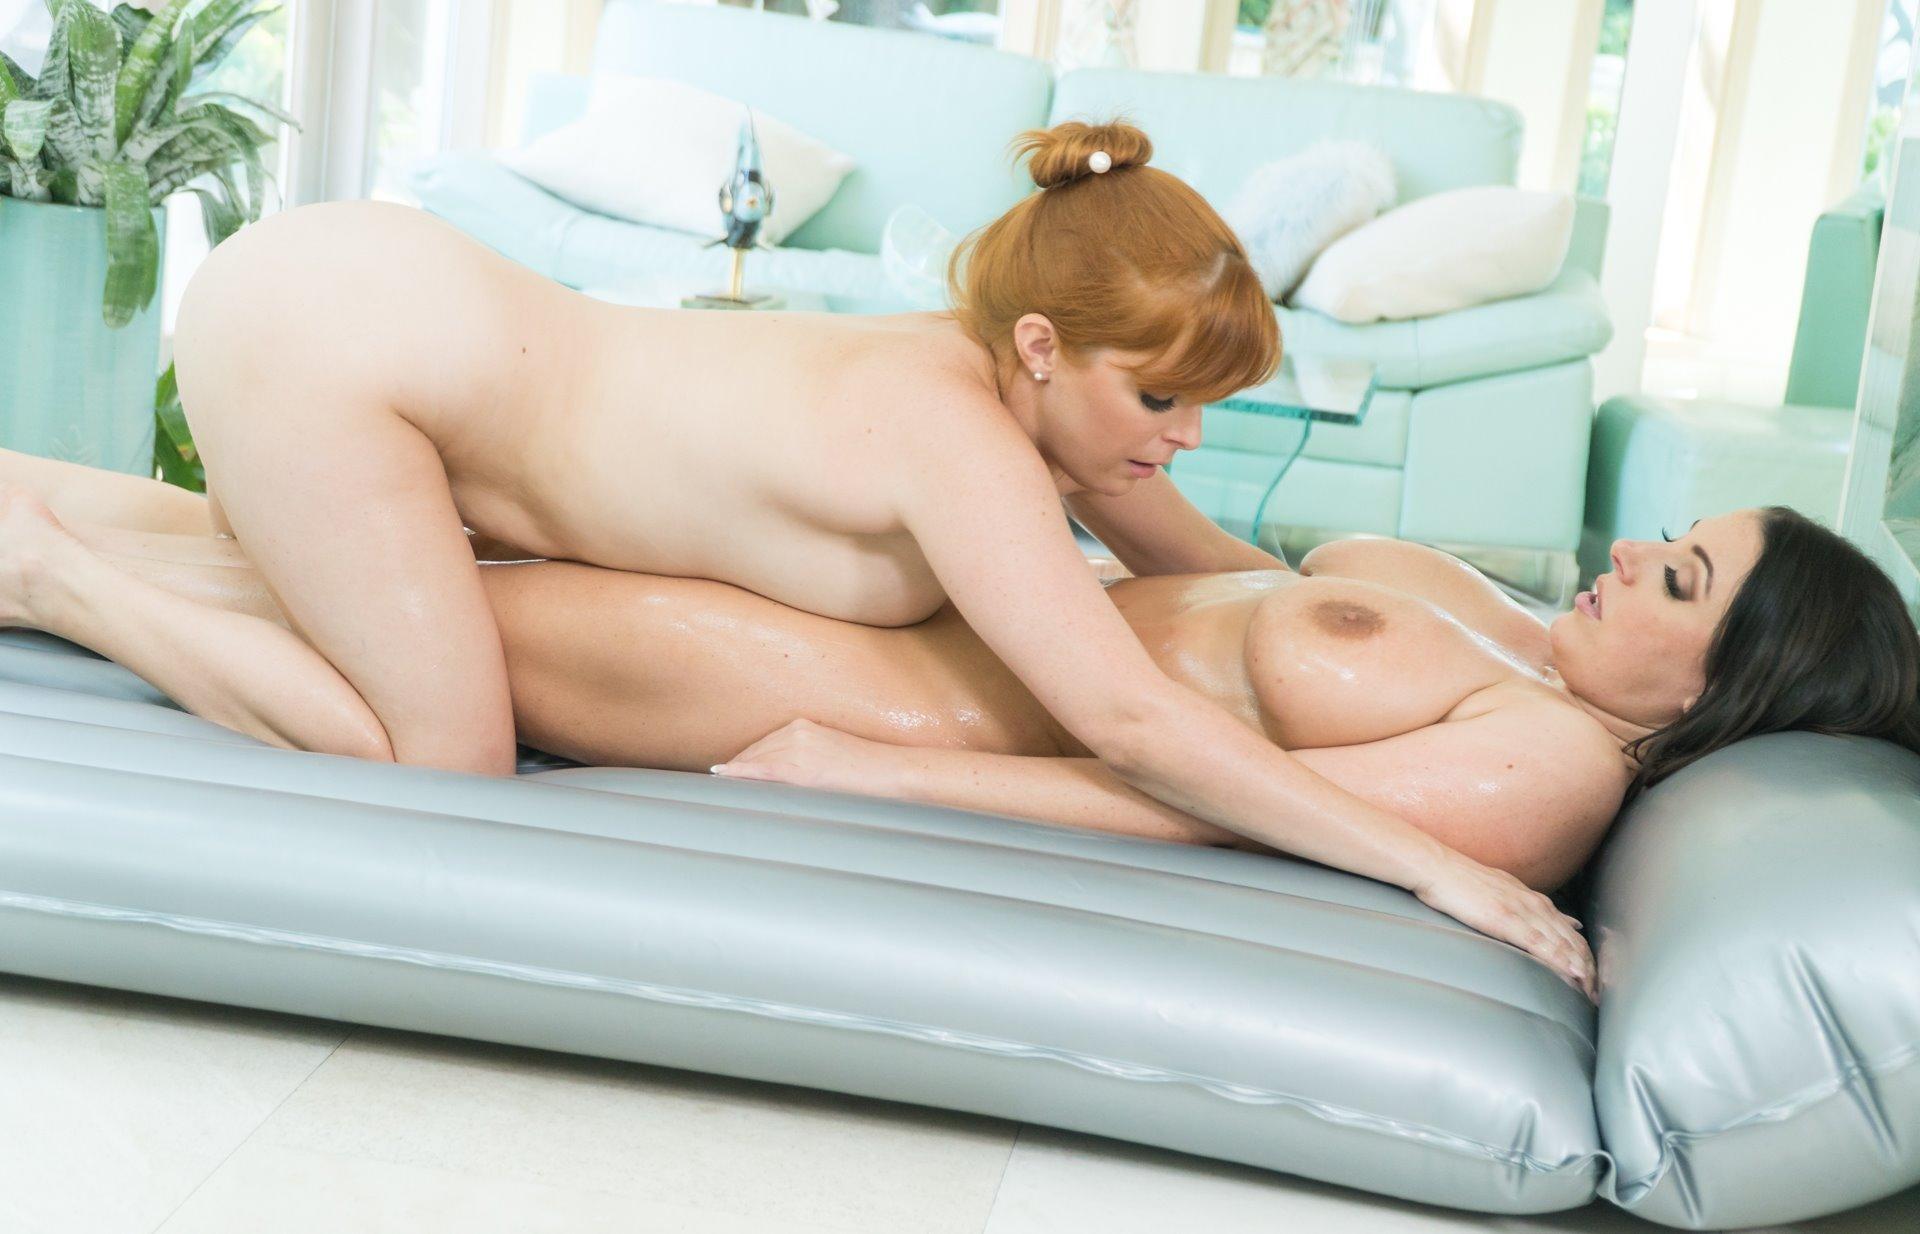 massagevids-online